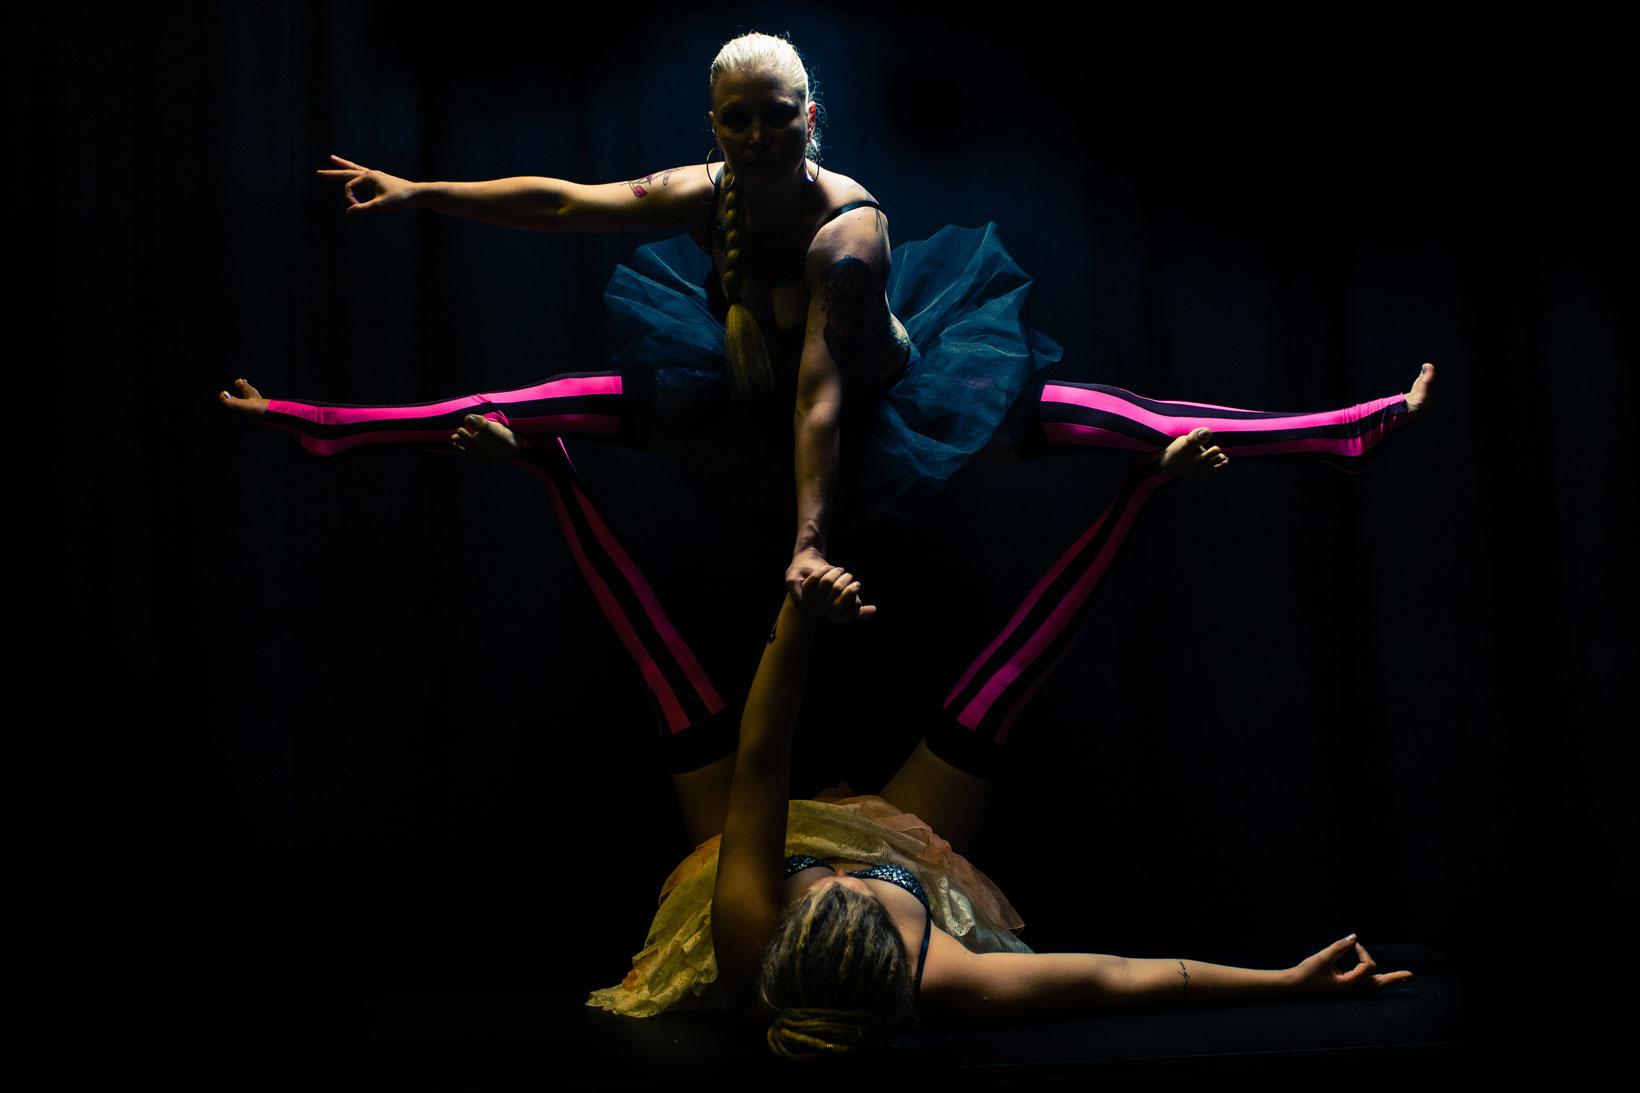 Acroyoga är en lekfull blandning av yoga, thaimassage och akrobatik.